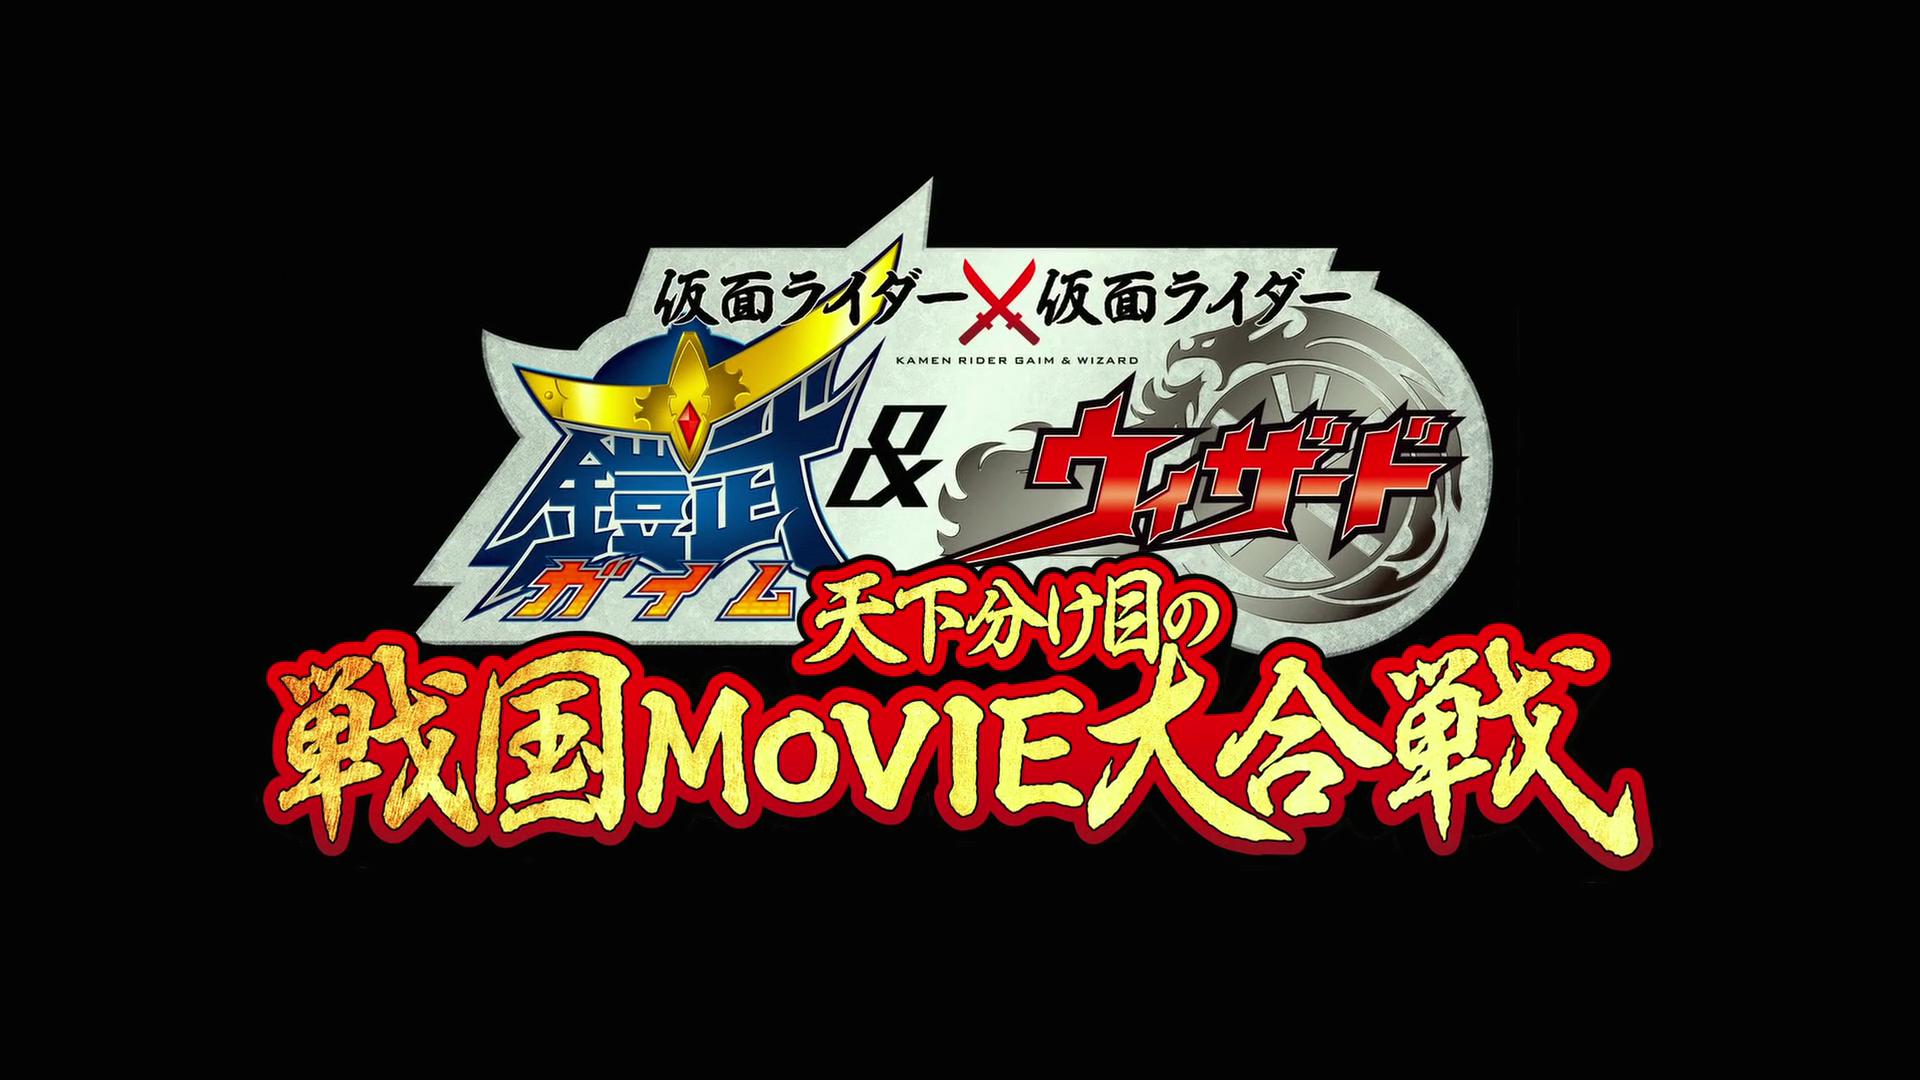 Kamen Rider × Kamen Rider Gaim & Wizard: The Fateful Sengoku